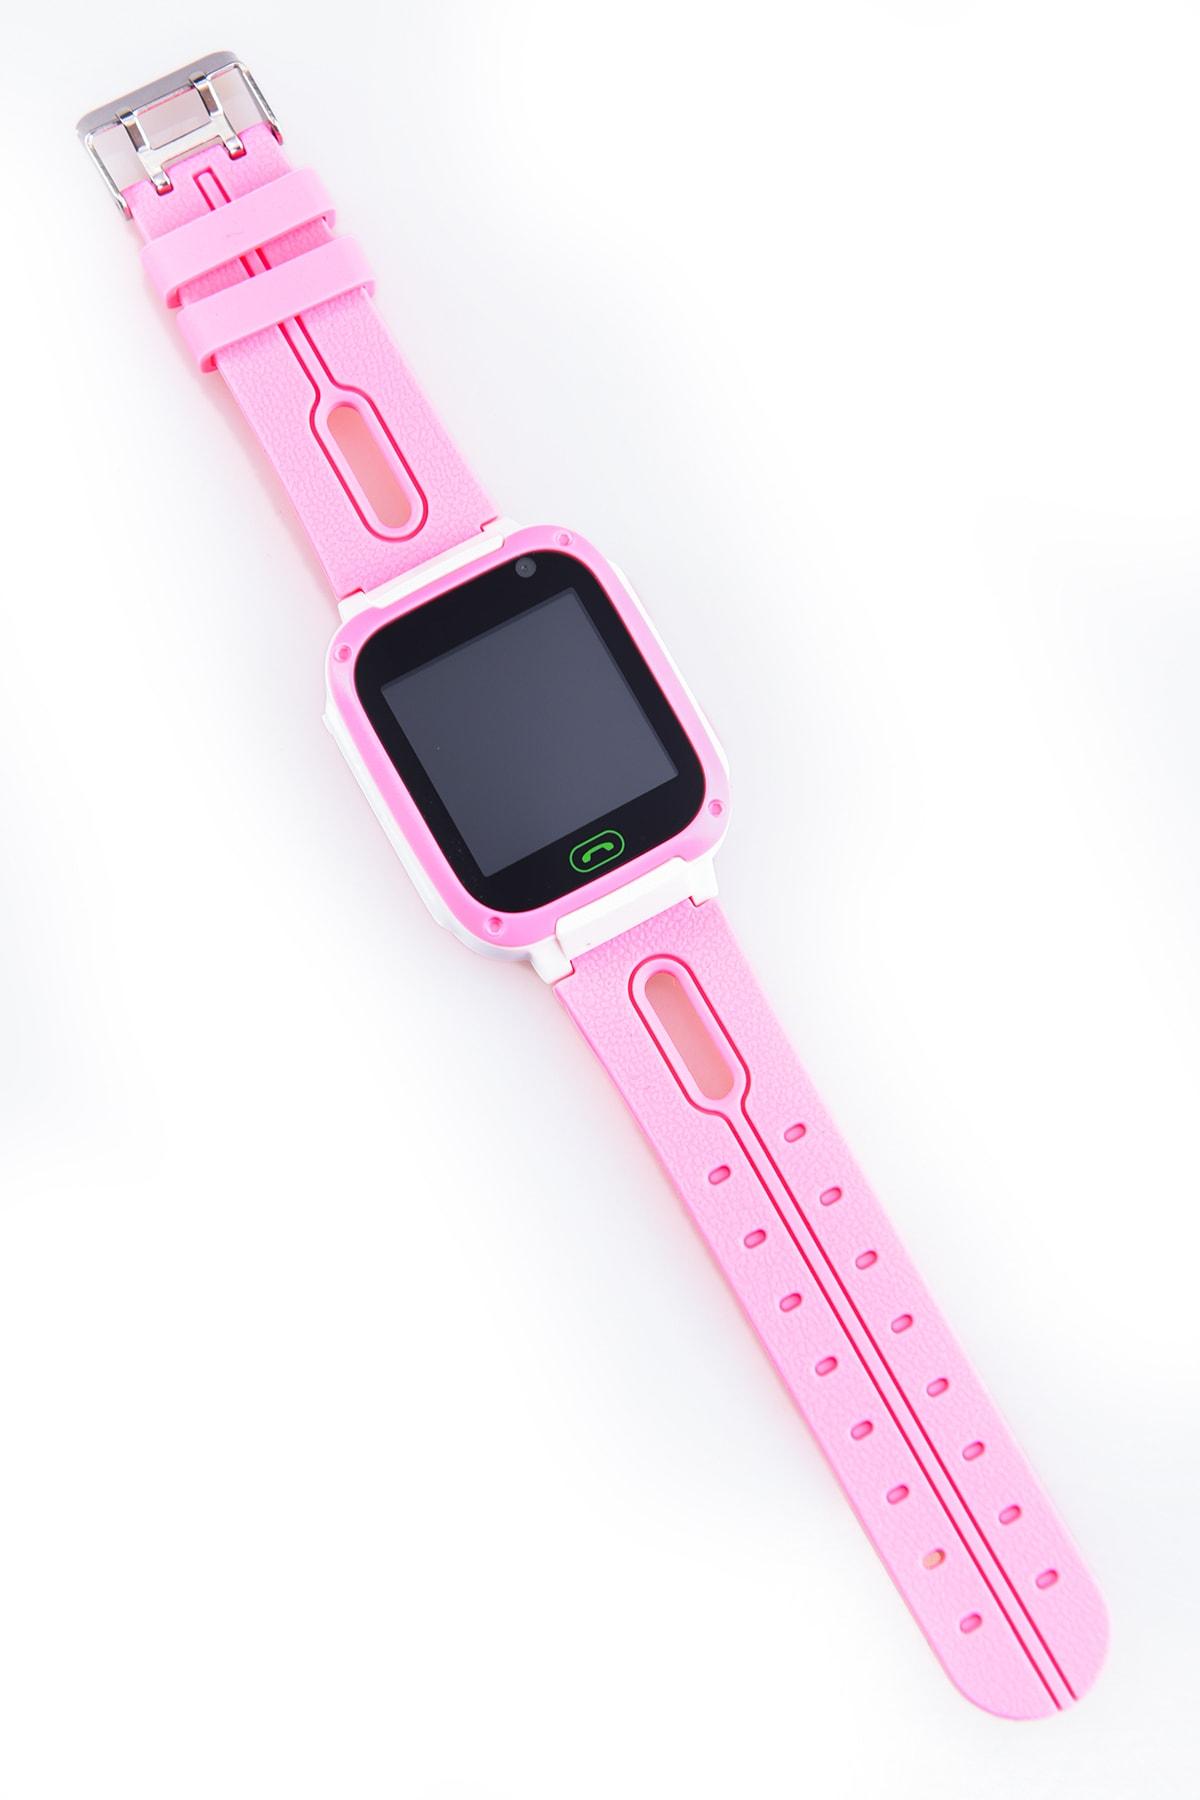 SmartWatch Akıllı Fabby Saat Çocuk Takip Saati Gps Sim Kartlı Btk Kayıtlı Kameralı 2